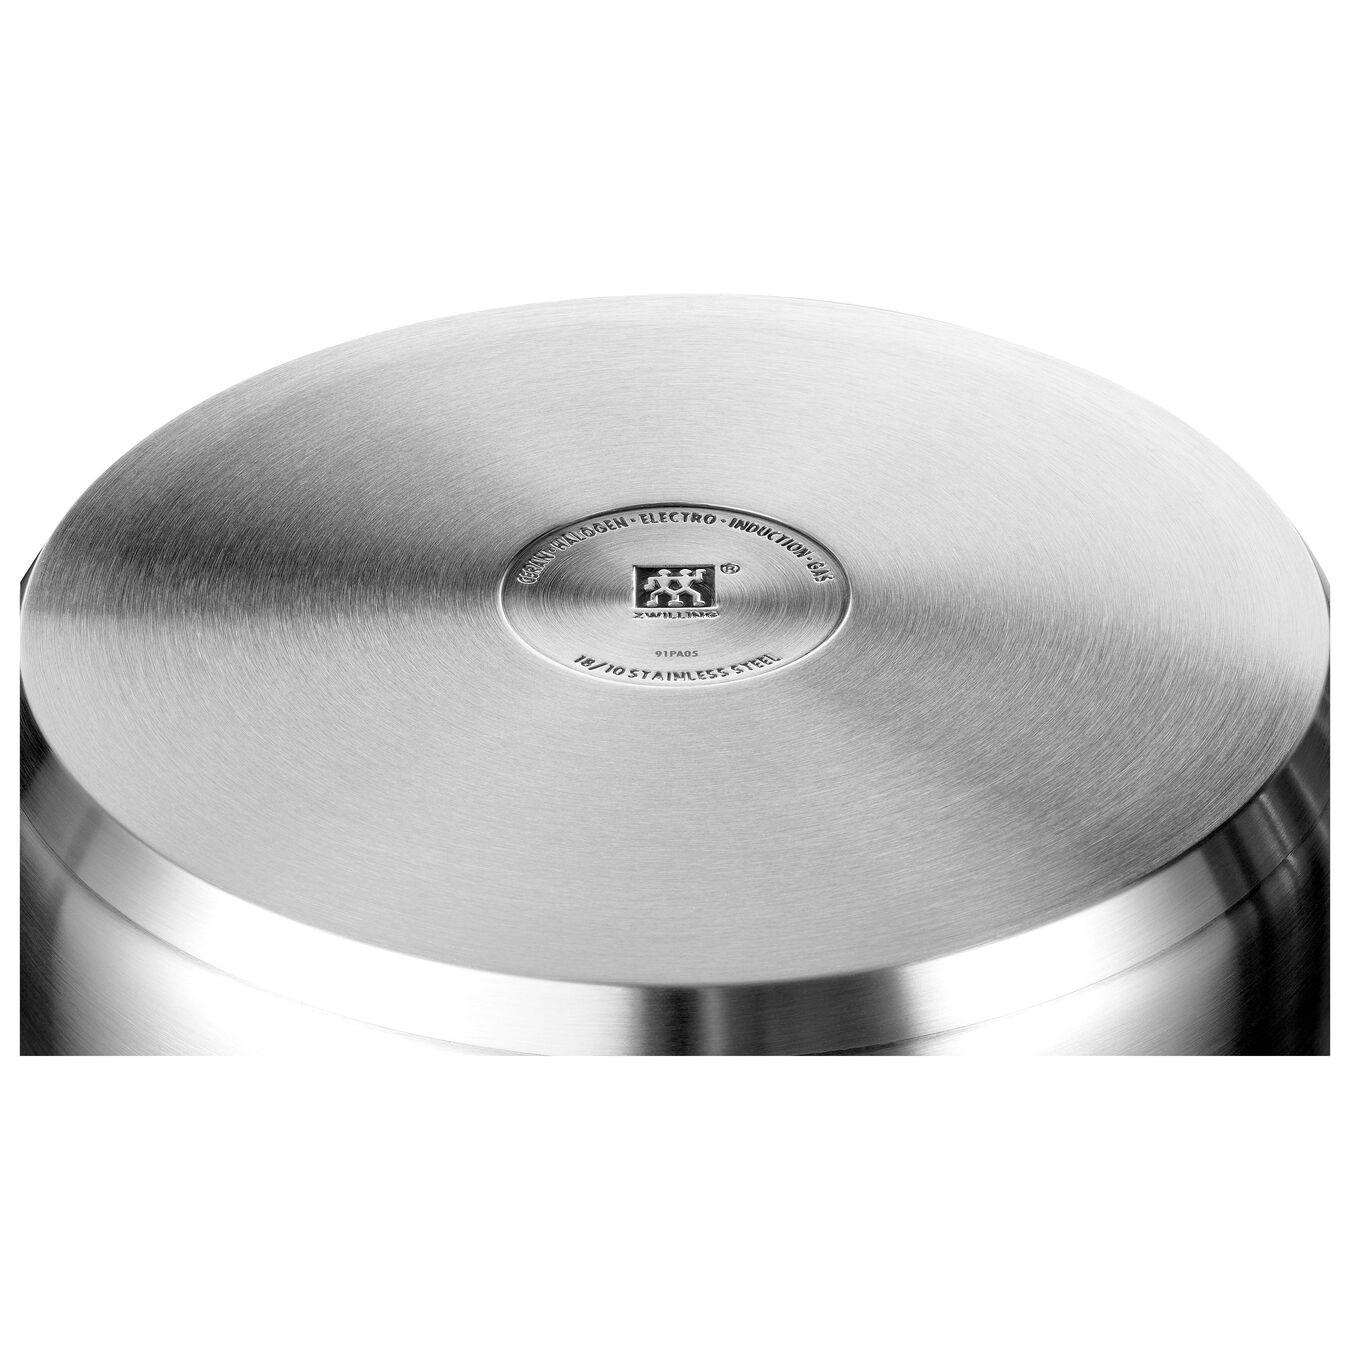 Ensemble de casseroles 3-pcs, Acier inoxydable,,large 2